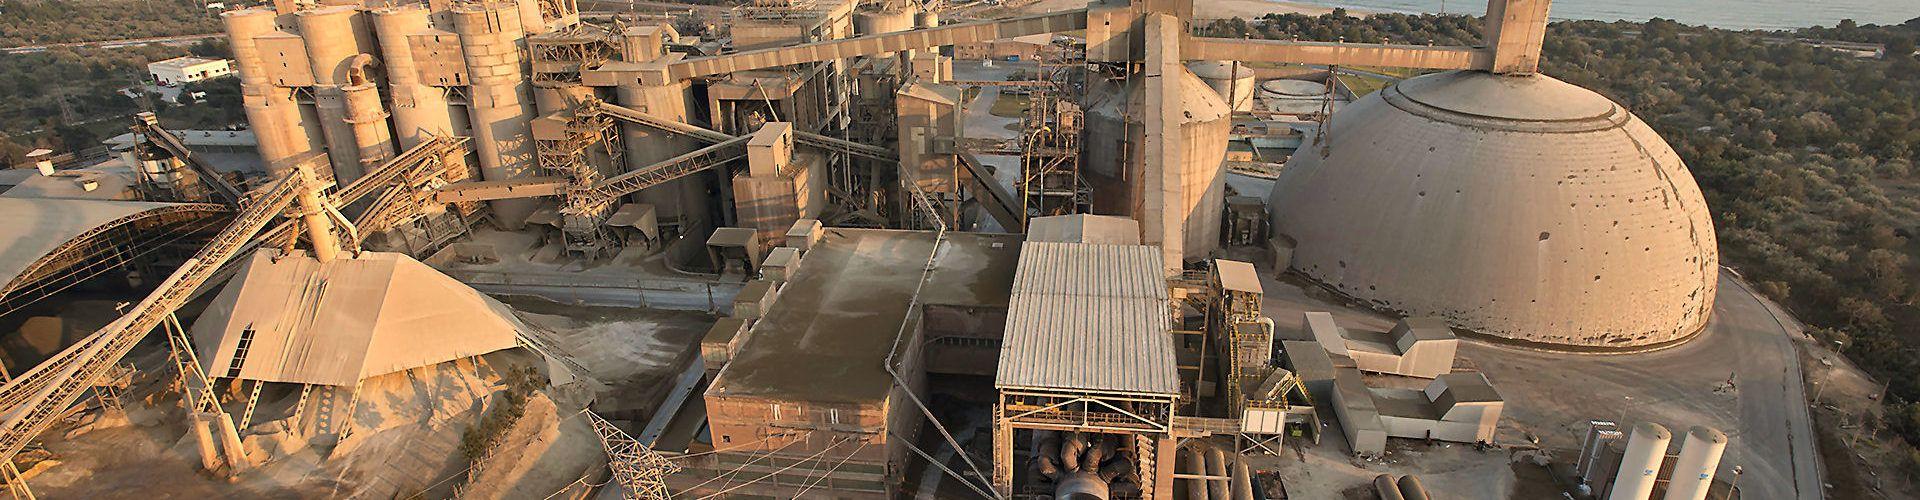 La fàbrica d'Alcanar de CEMEX renova el certificat mediambiental EMAS, després de ser la primera cimentera d'Espanya a obtenir-lo